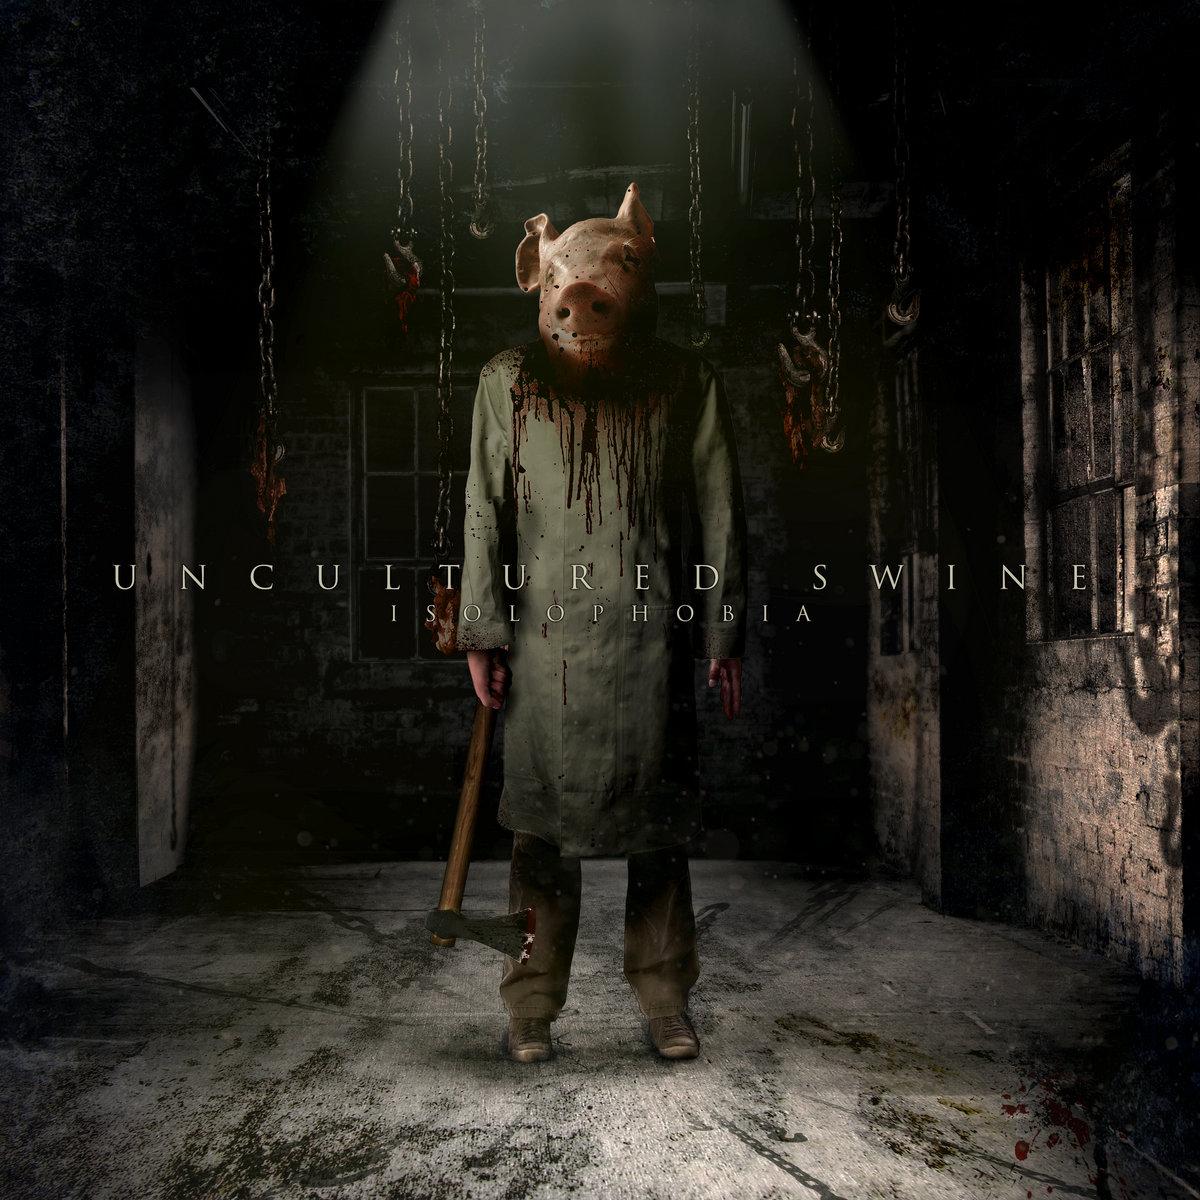 Uncultured Swine - Isolophobia [EP] (2018)